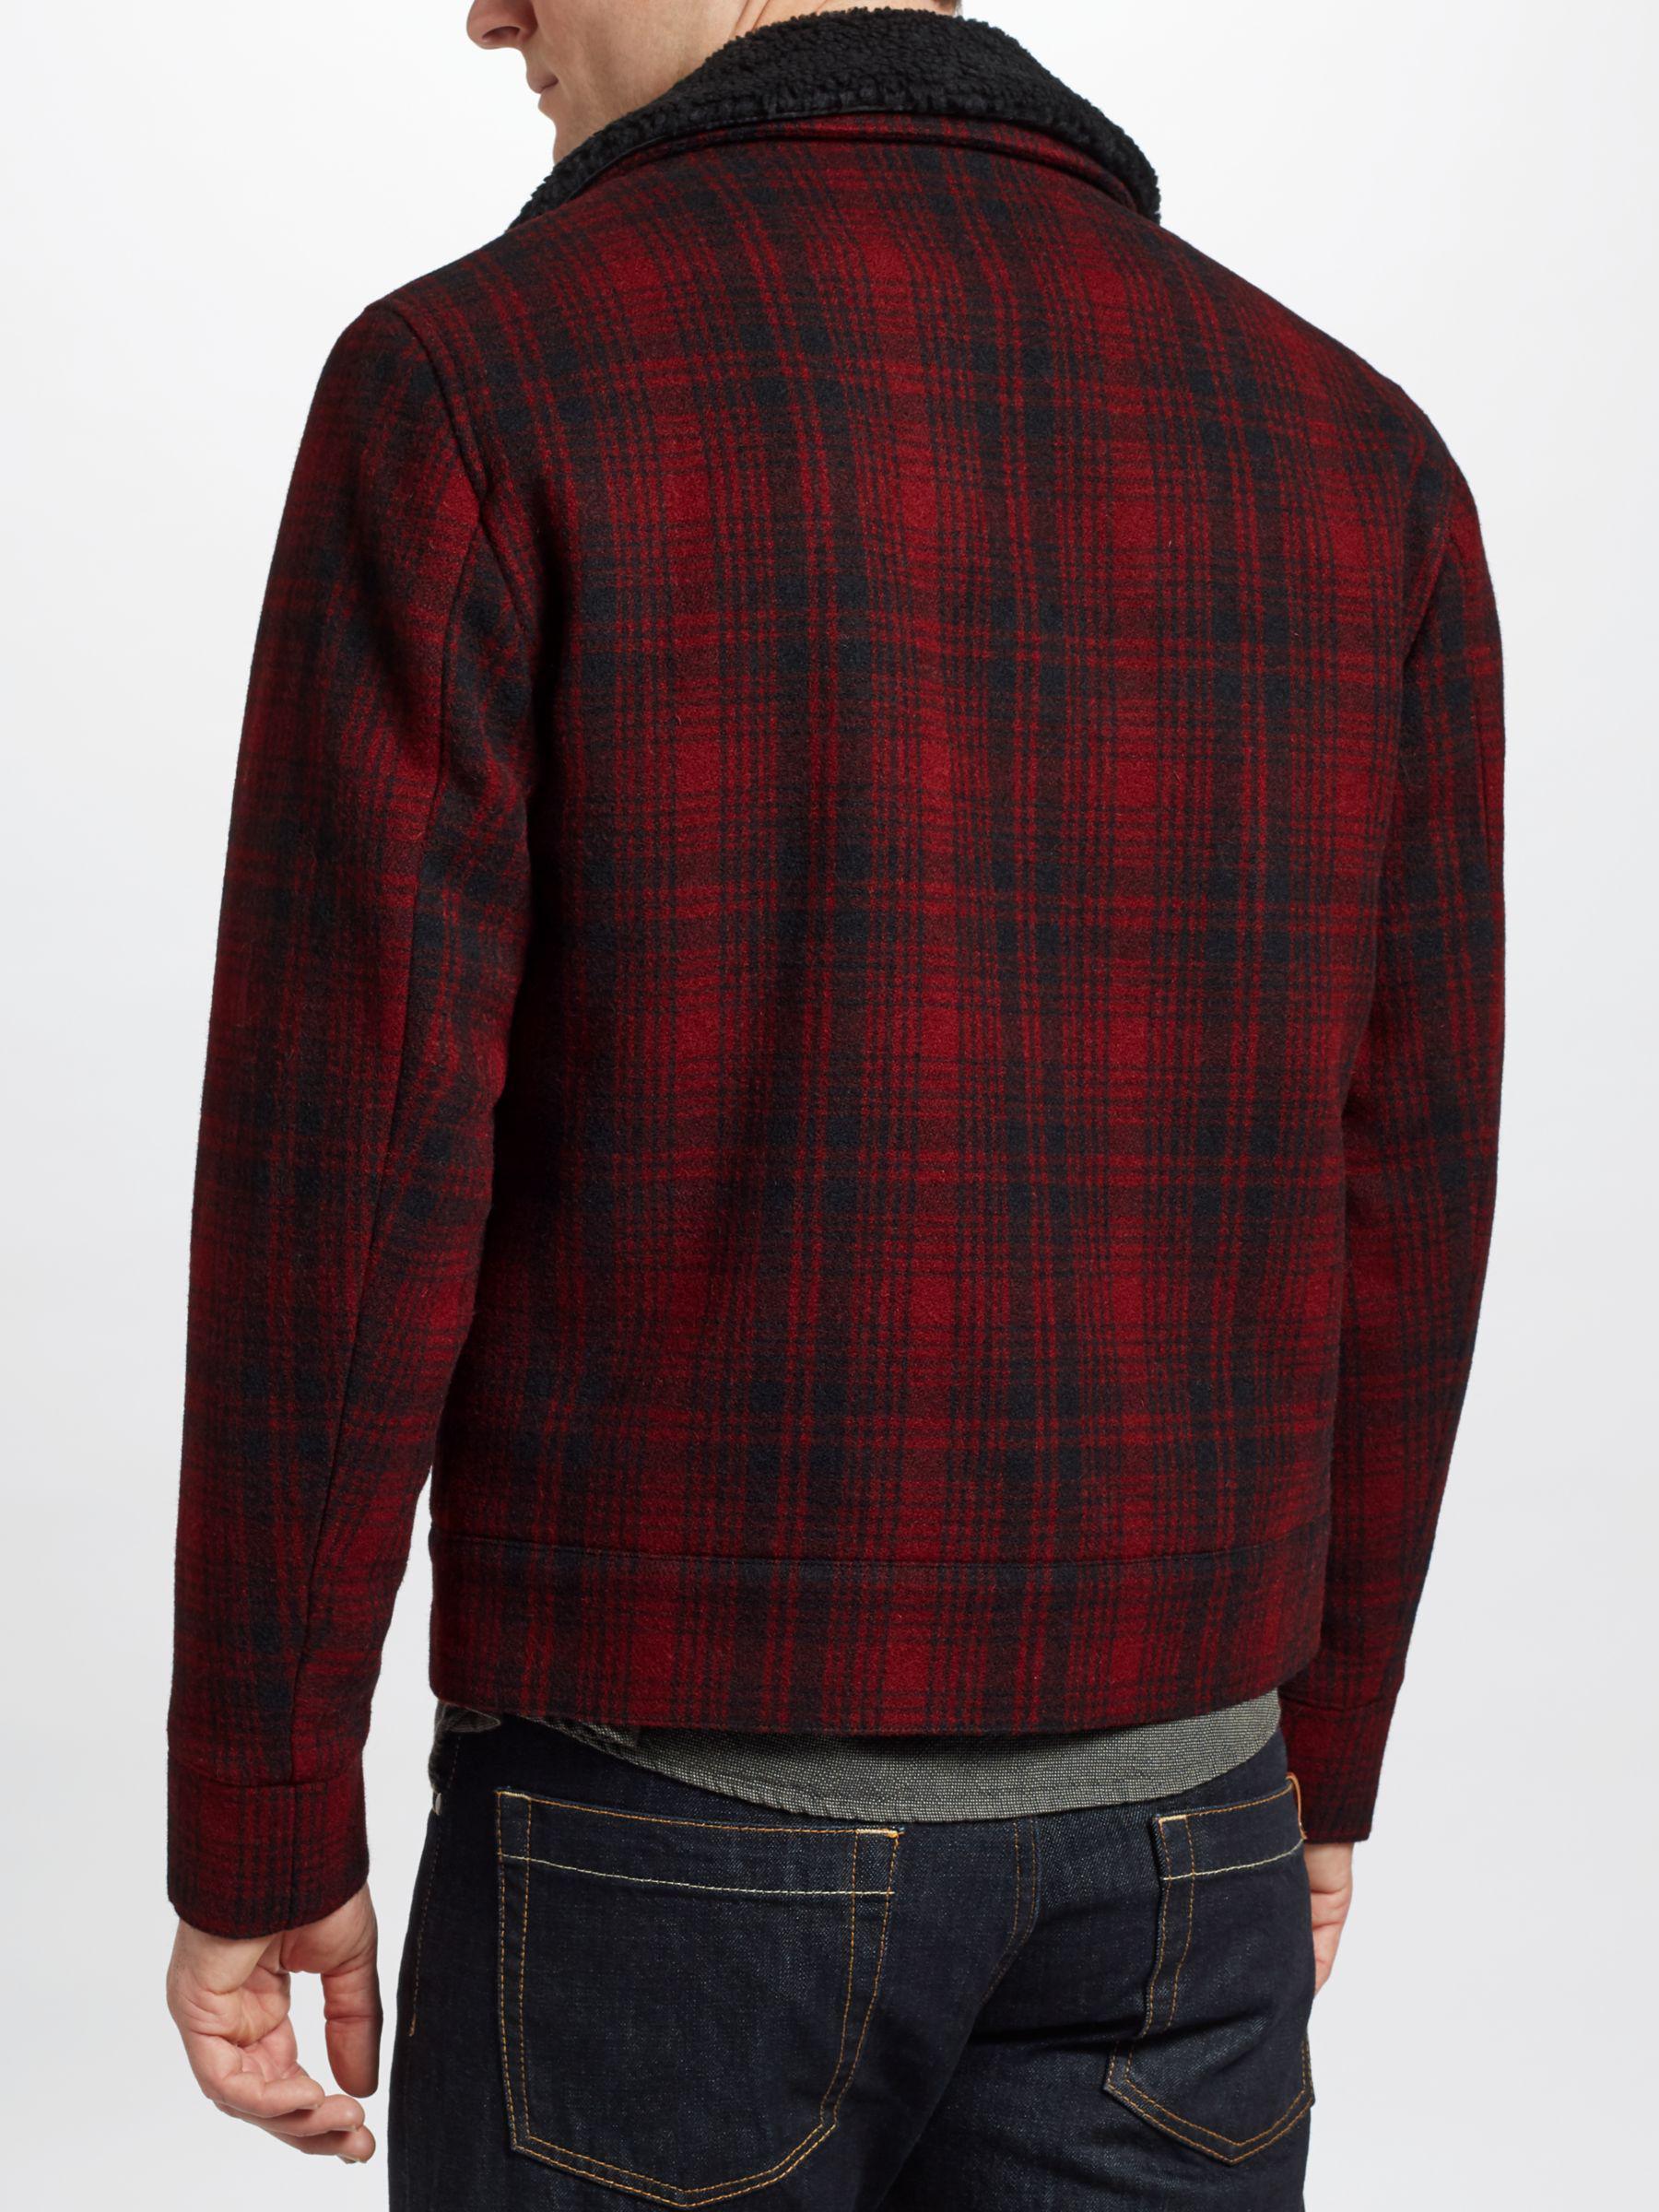 John Lewis Wool Check Lumber Jacket in Red for Men